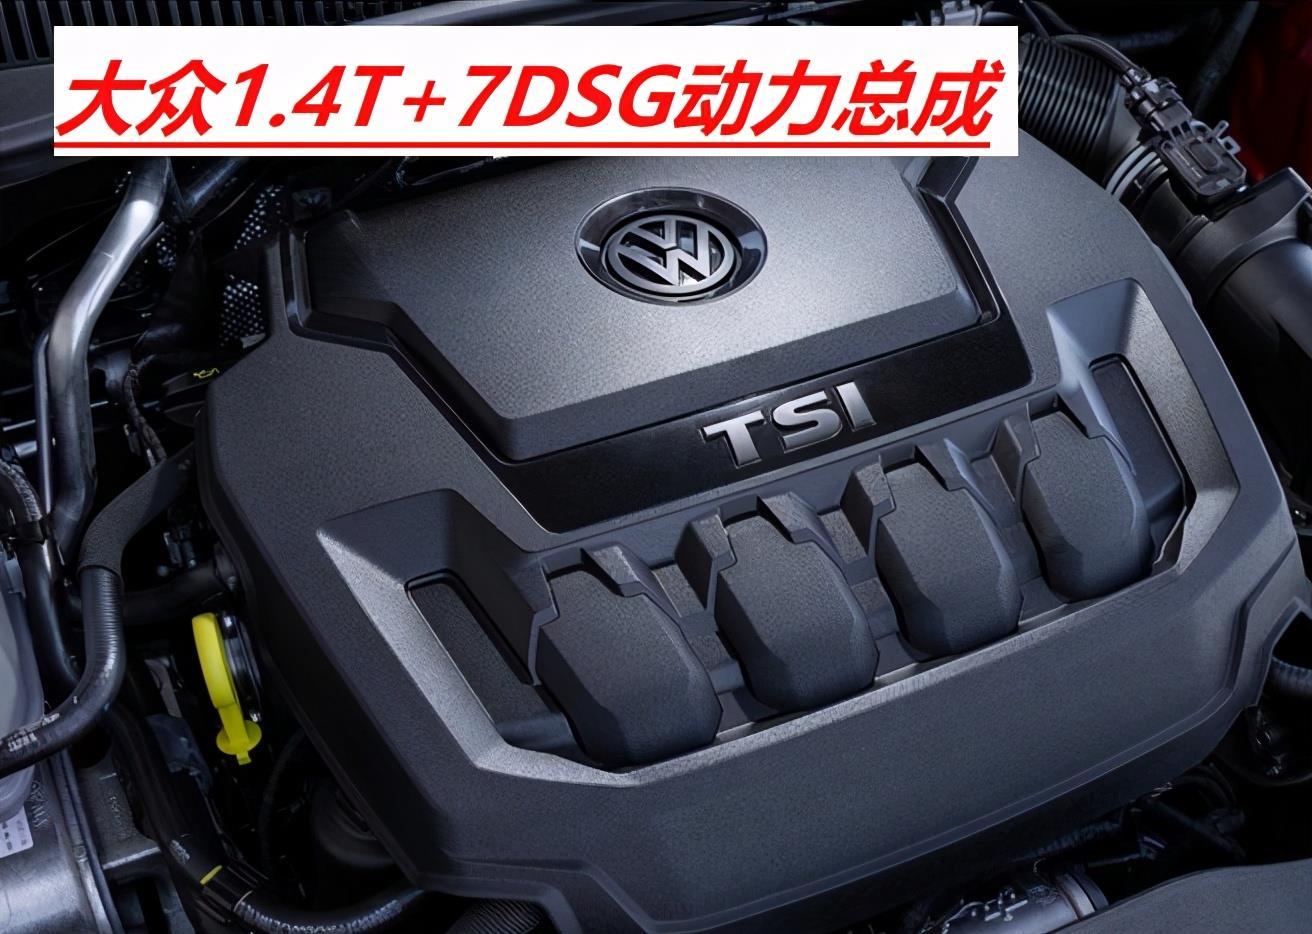 迈腾1.4t替换发动机多少钱 朗逸1.4t【轿车年代网】